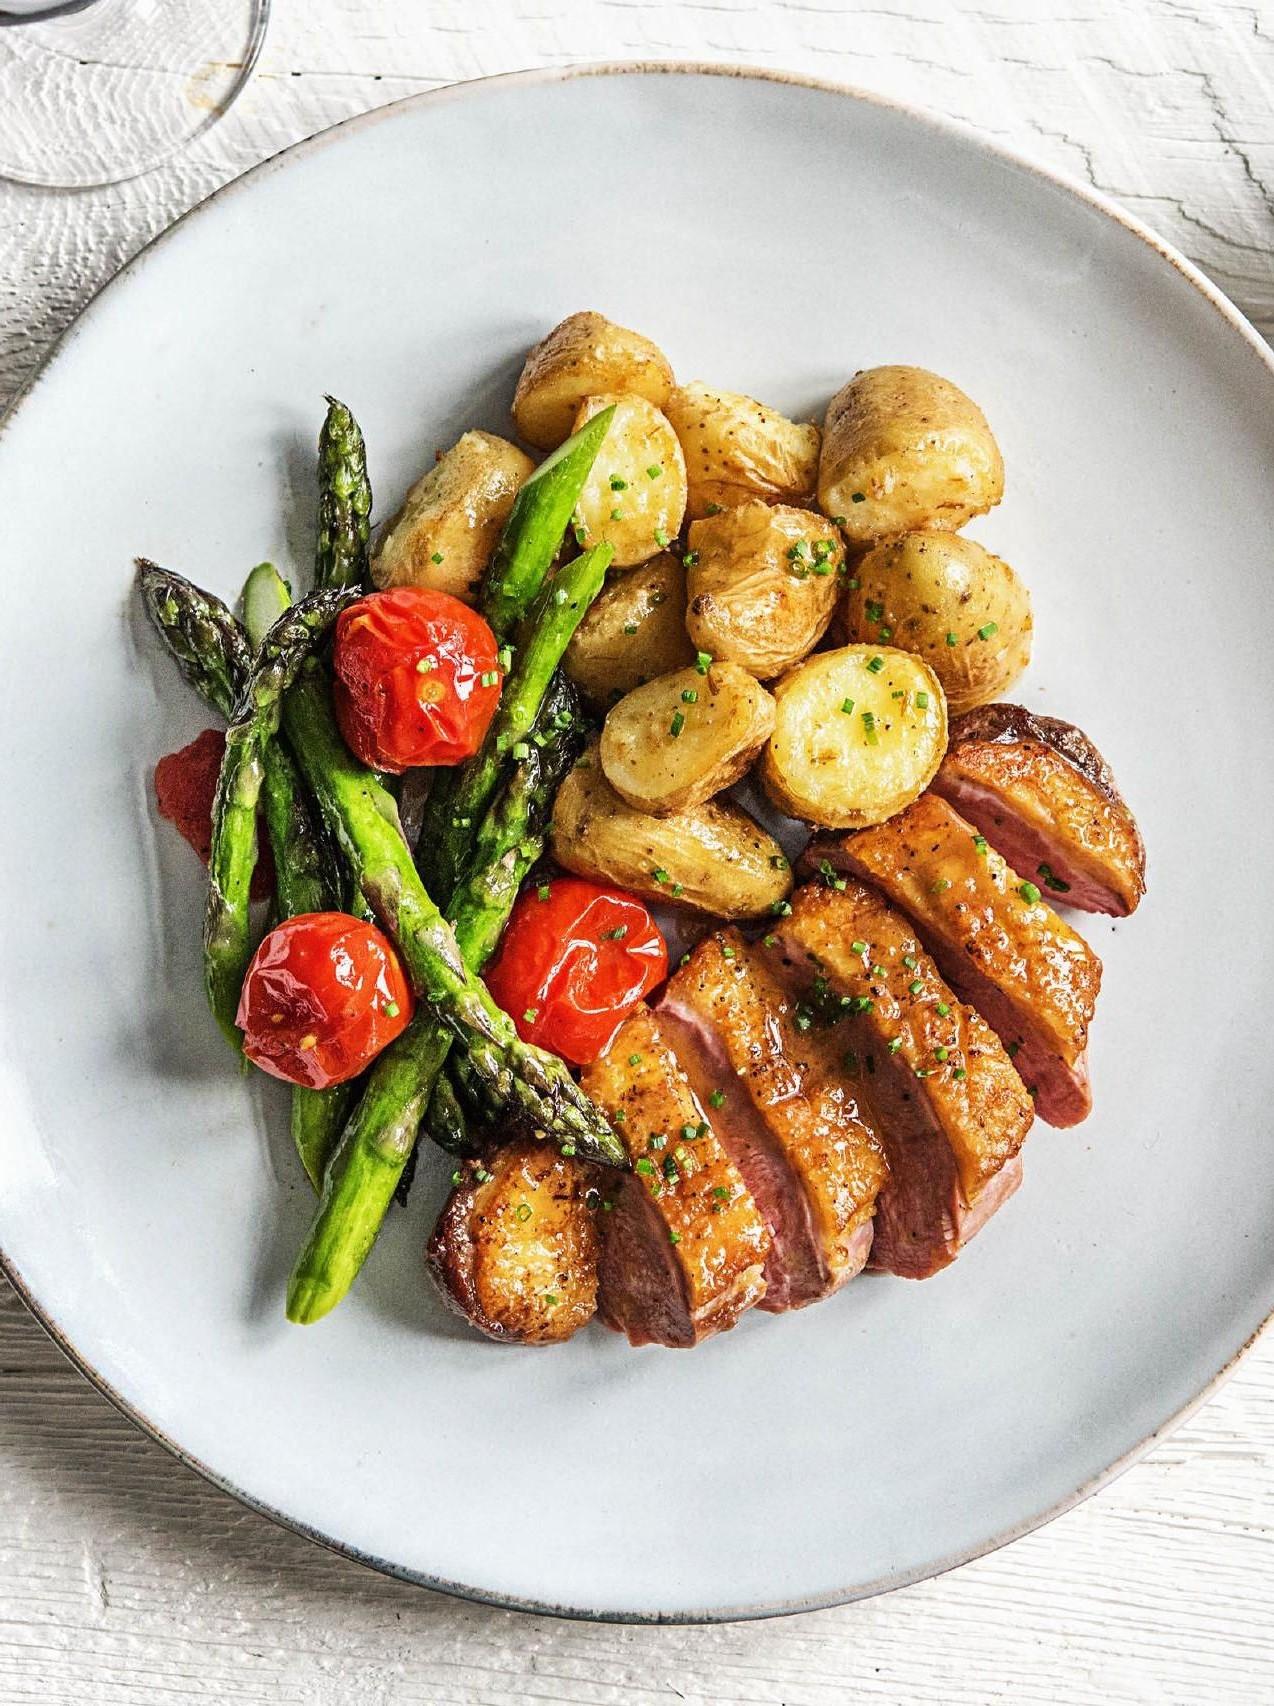 Ajoutez des asperges et des pommes de terre comme garniture - c'est vraiment simple et nutritif.